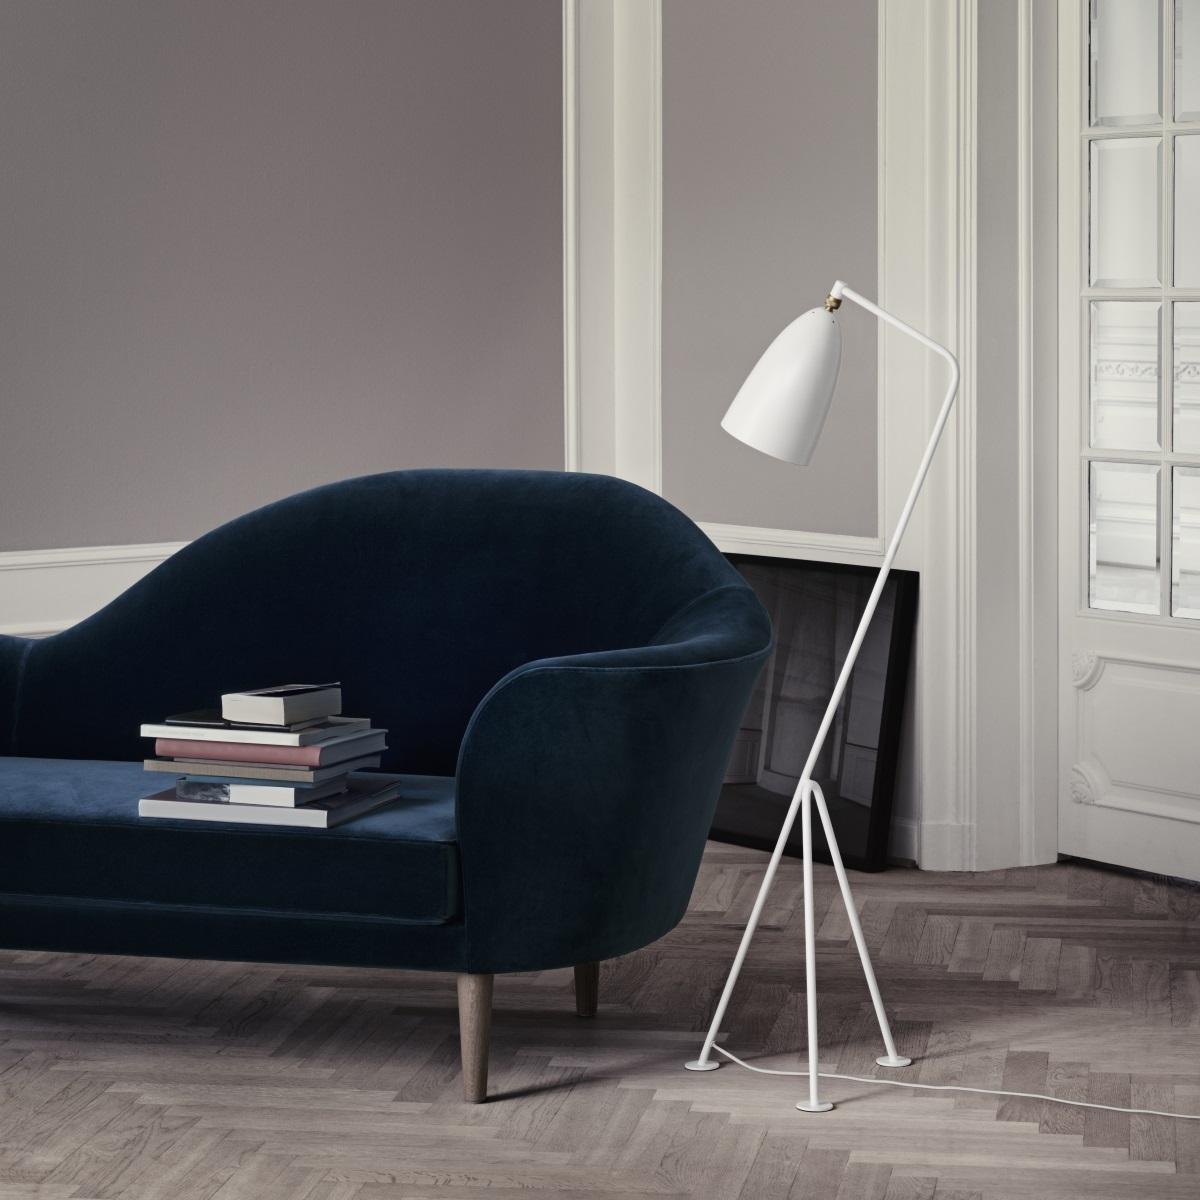 Gubi Kopenhagen_Grashoppa Stehleuchte_Grand Piano Sofa